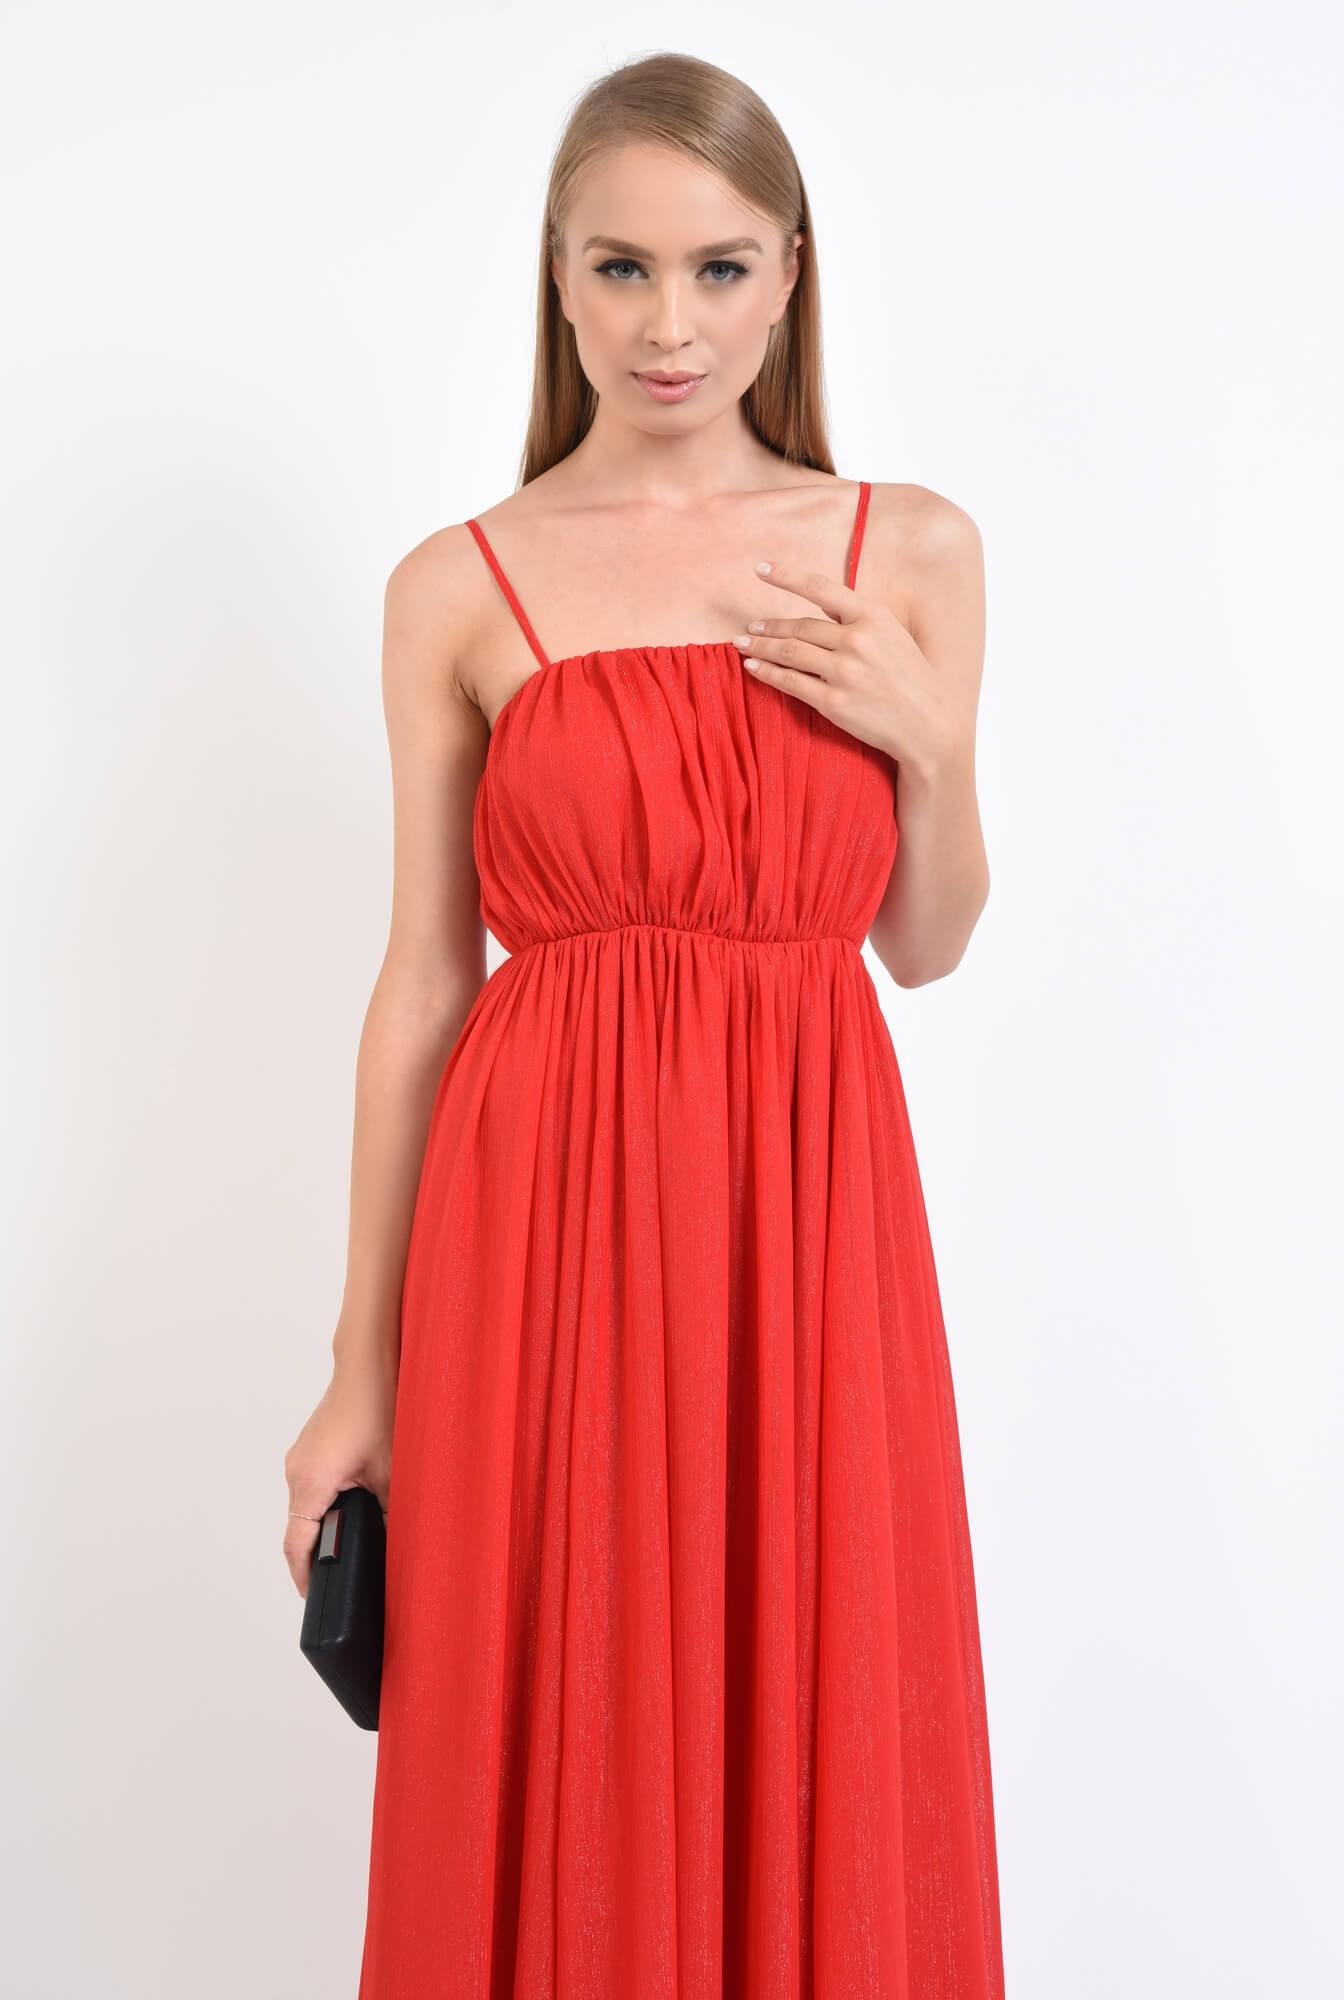 2 - rochie de seara, lunga, rosu, voal